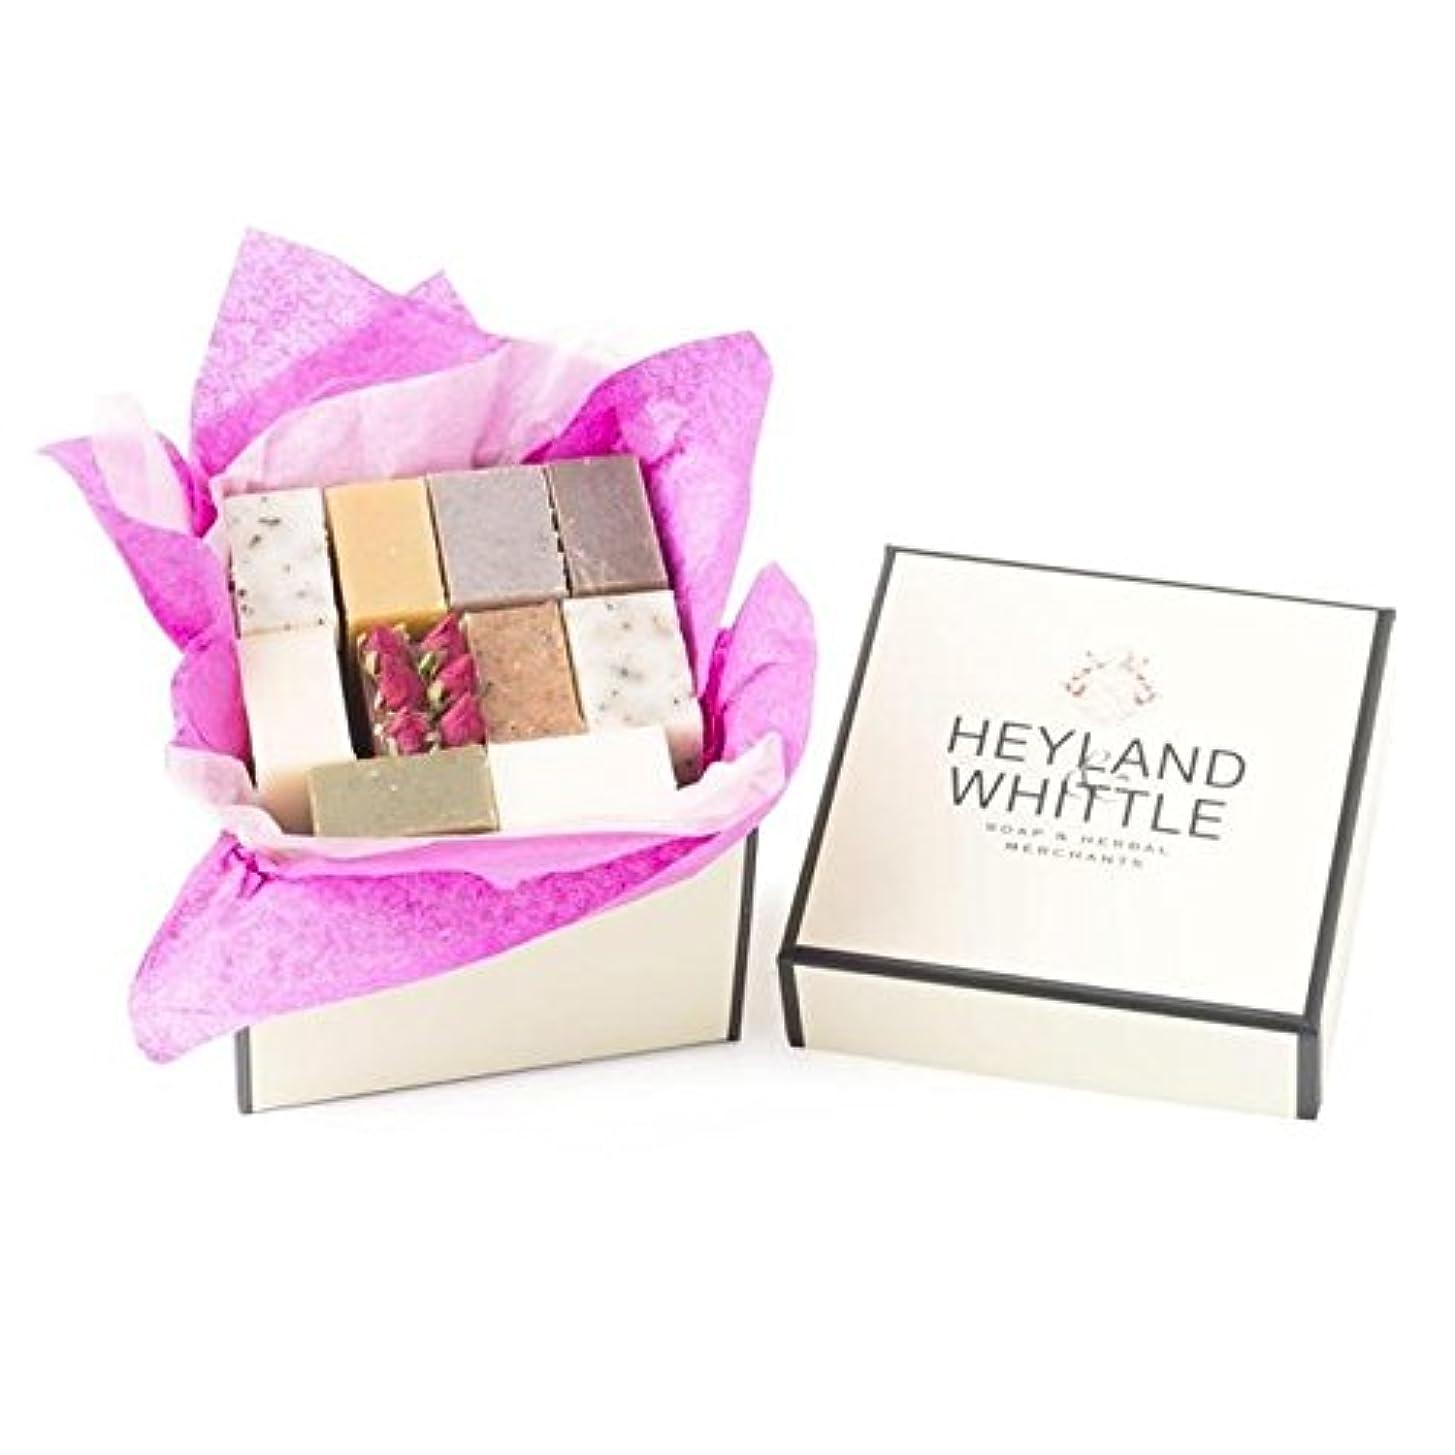 ピック出発対話Heyland & Whittle Soap Gift Box, Small (Pack of 6) - 小さな&削るソープギフトボックス、 x6 [並行輸入品]